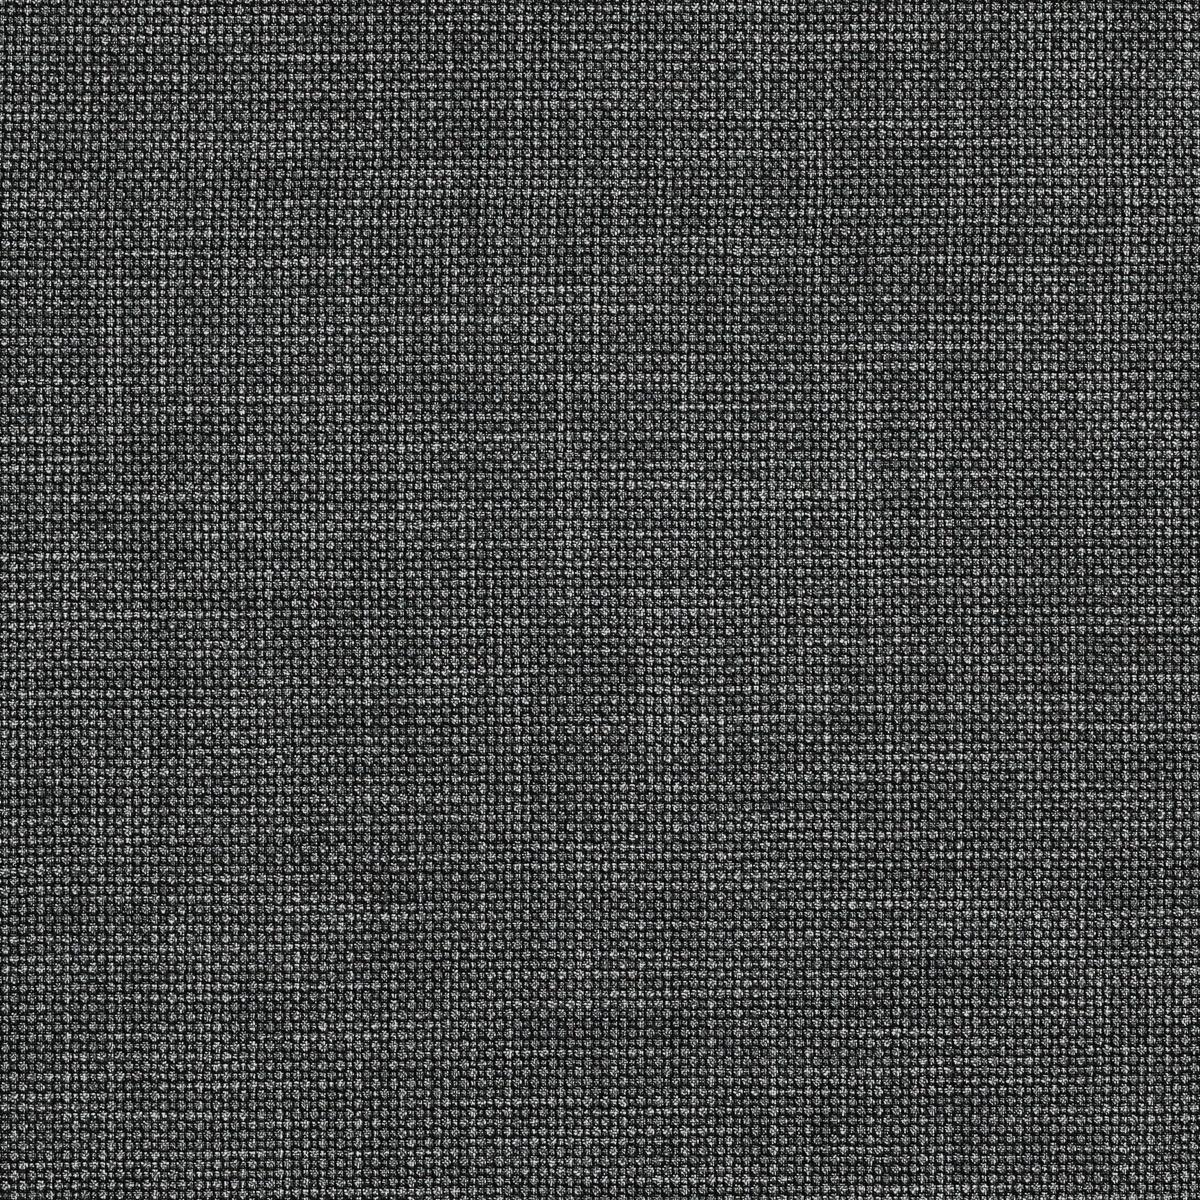 Шерстяная ткань в мелкий узор с легким блеском